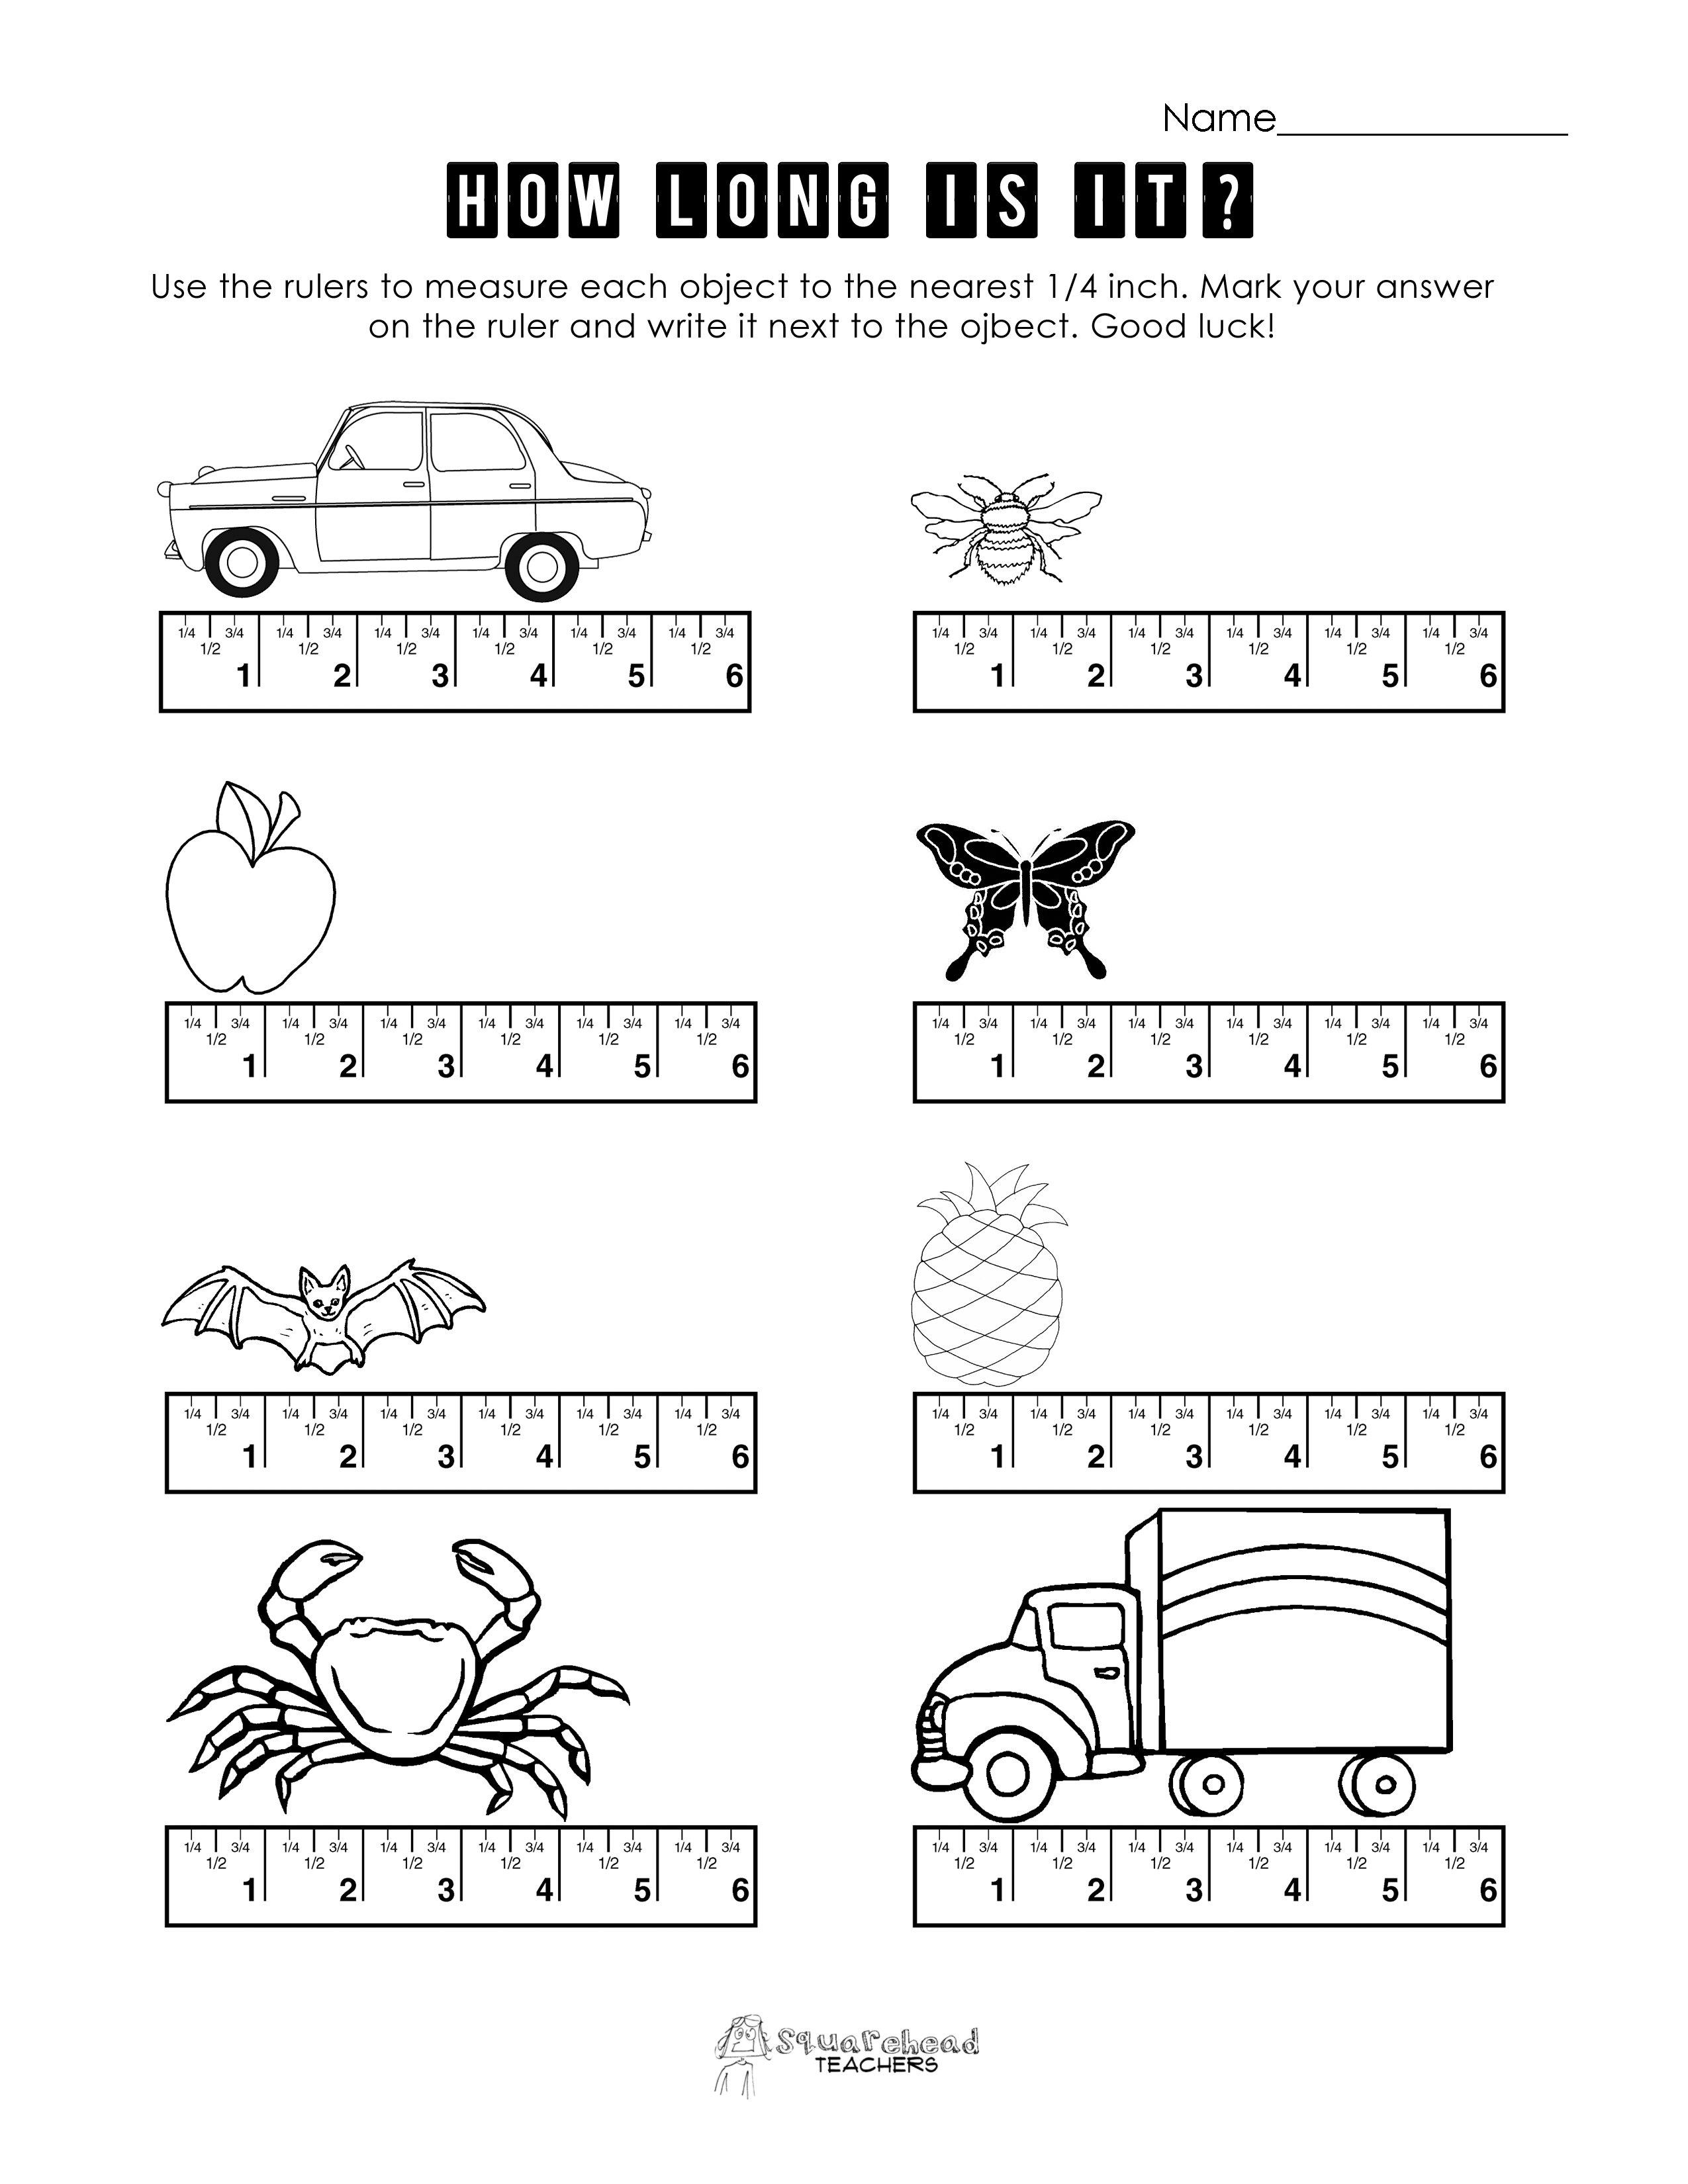 Ruler Measurement Worksheets The Best Worksheets Image Collection